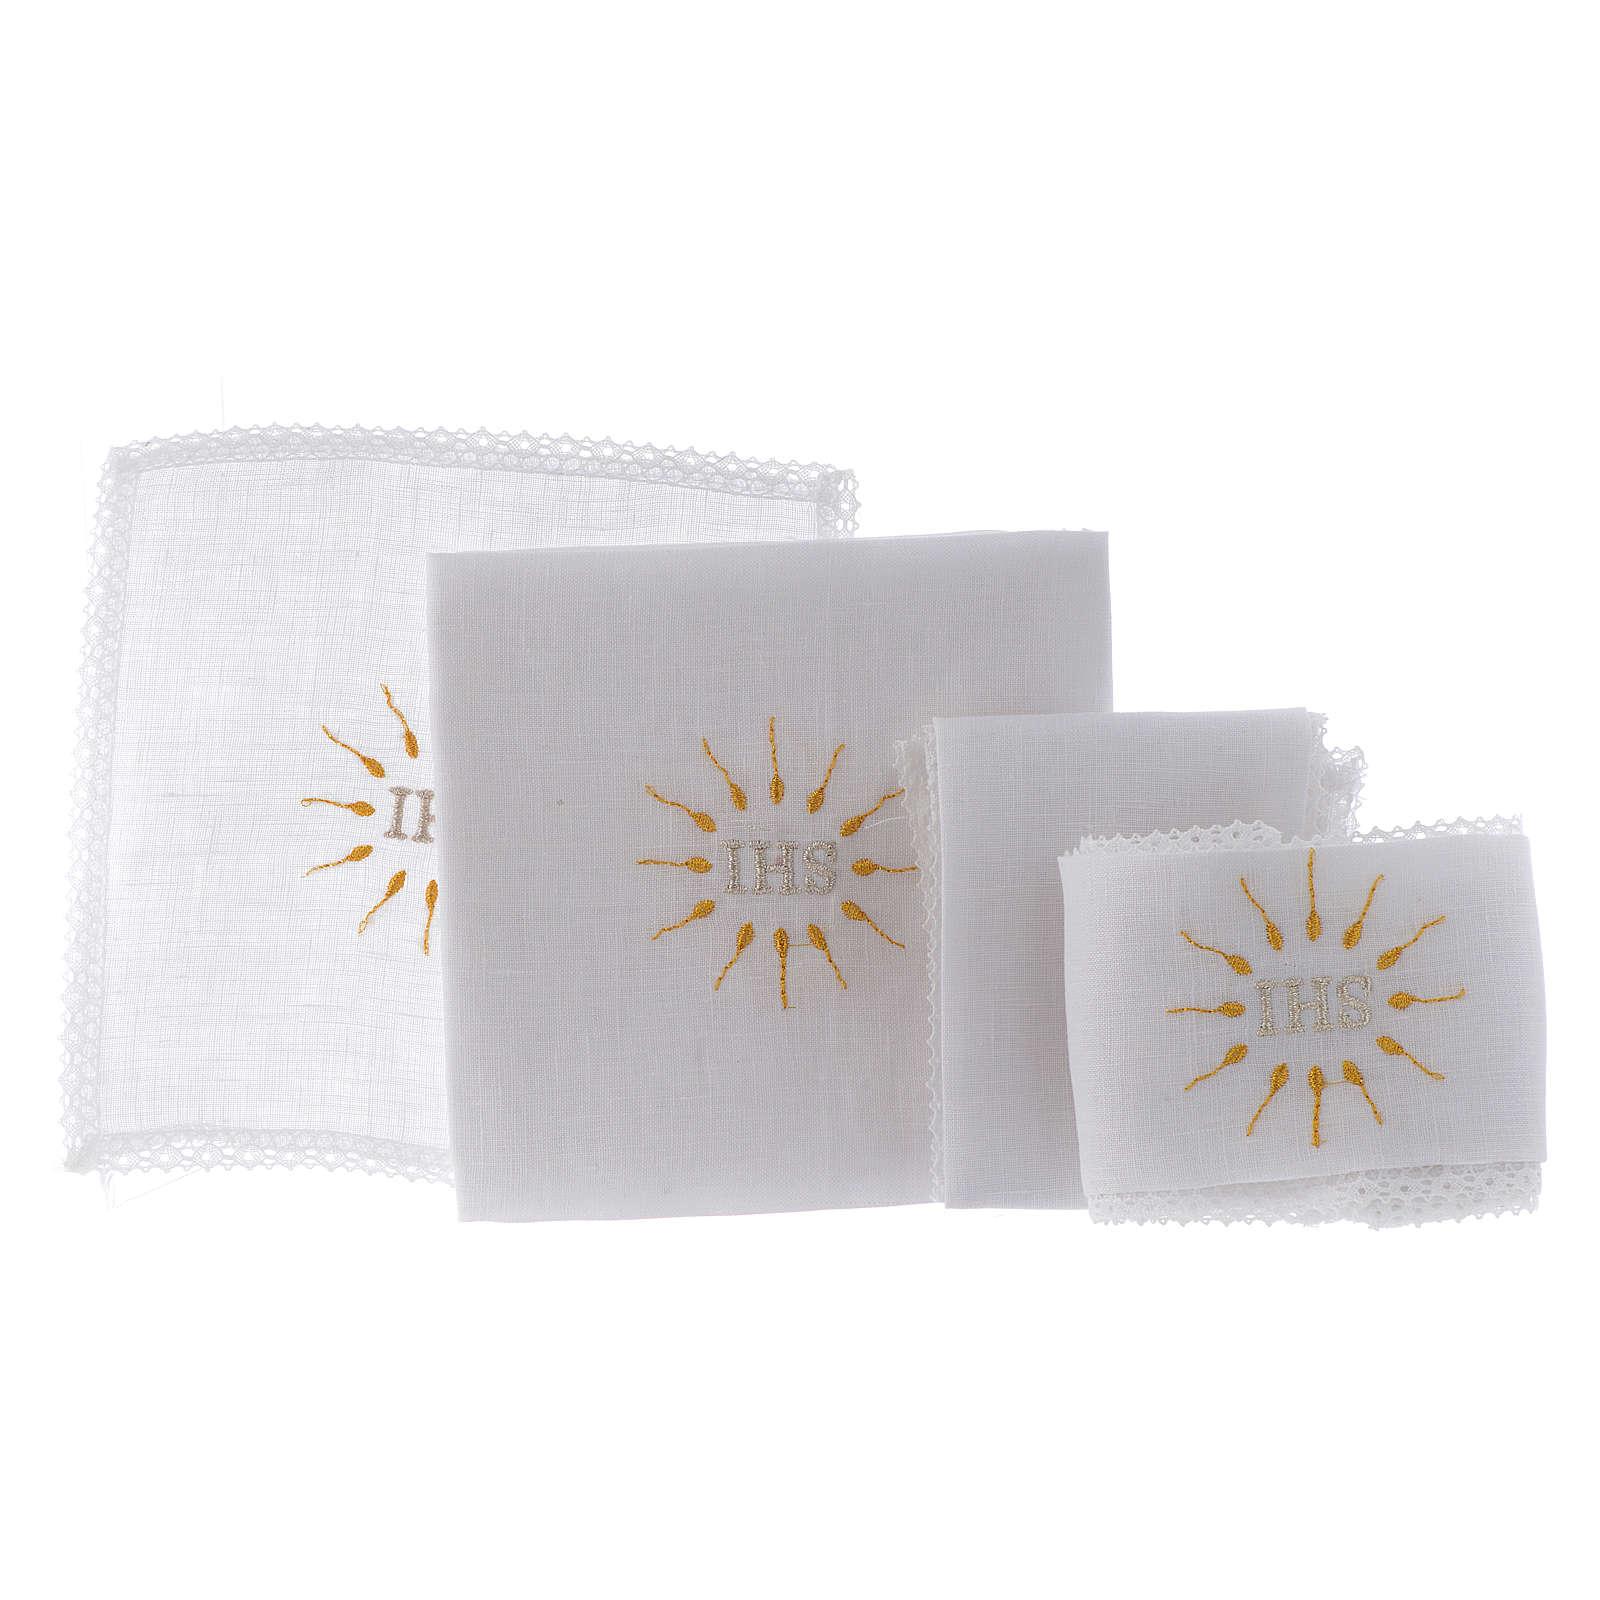 IHS Altar Linen Set 100% pure linen 4